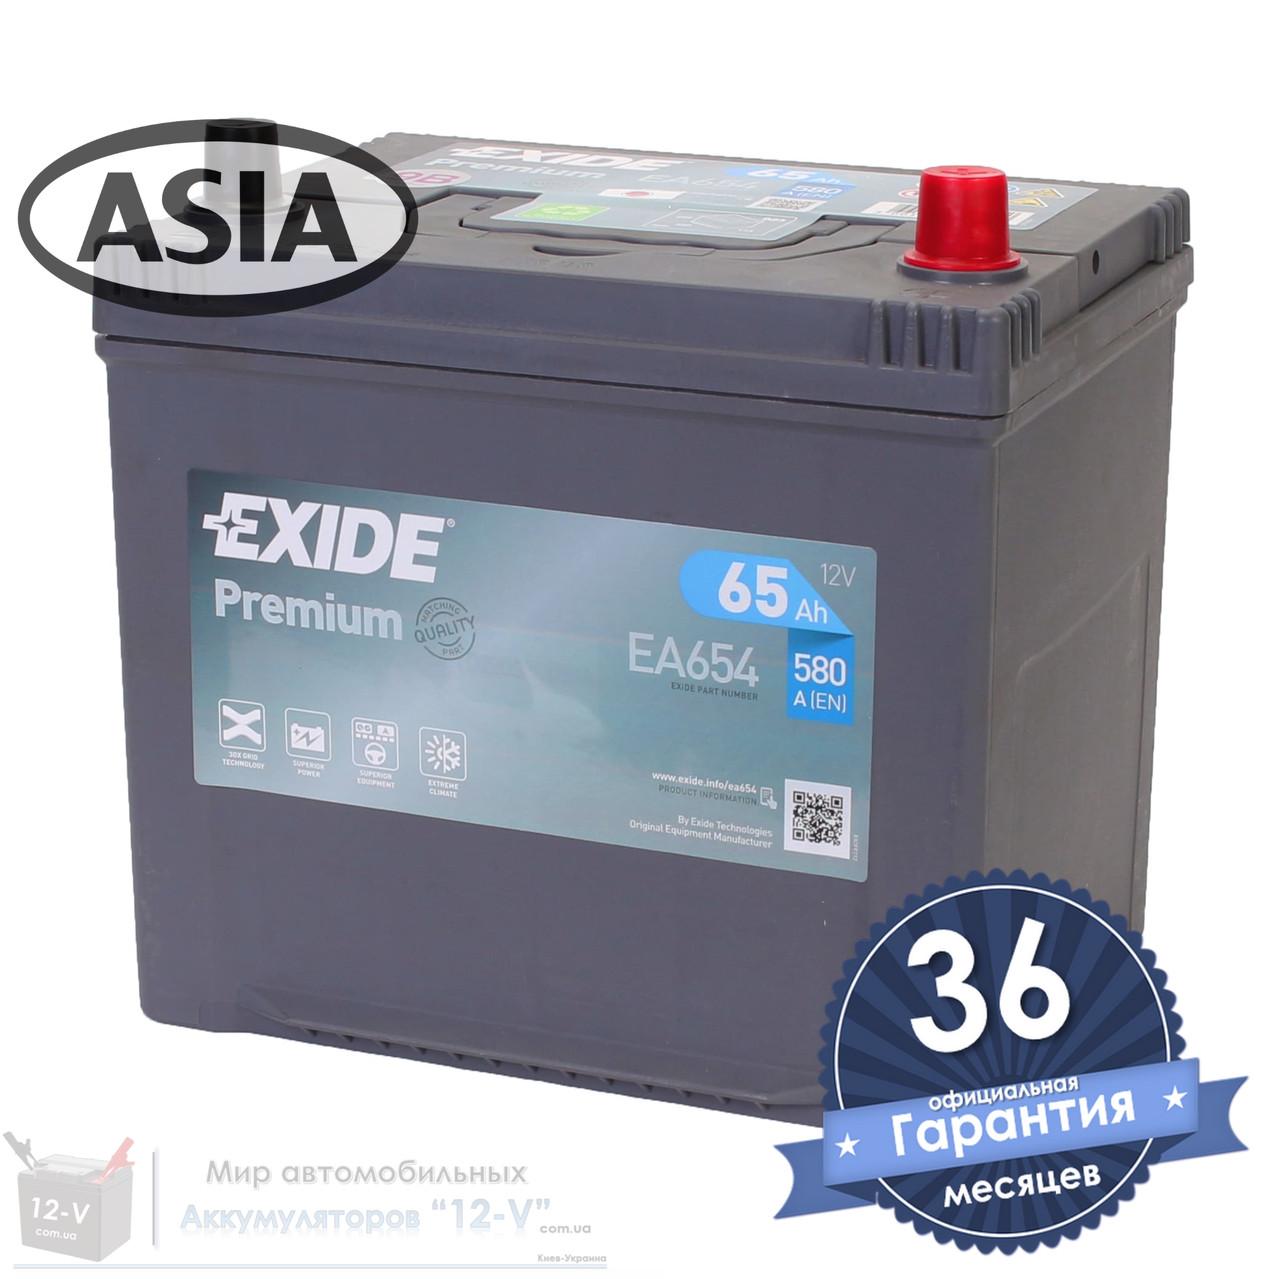 Аккумулятор автомобильный EXIDE Premium 6CT 65Ah ASIA, пусковой ток 580А [– +] (EA654)